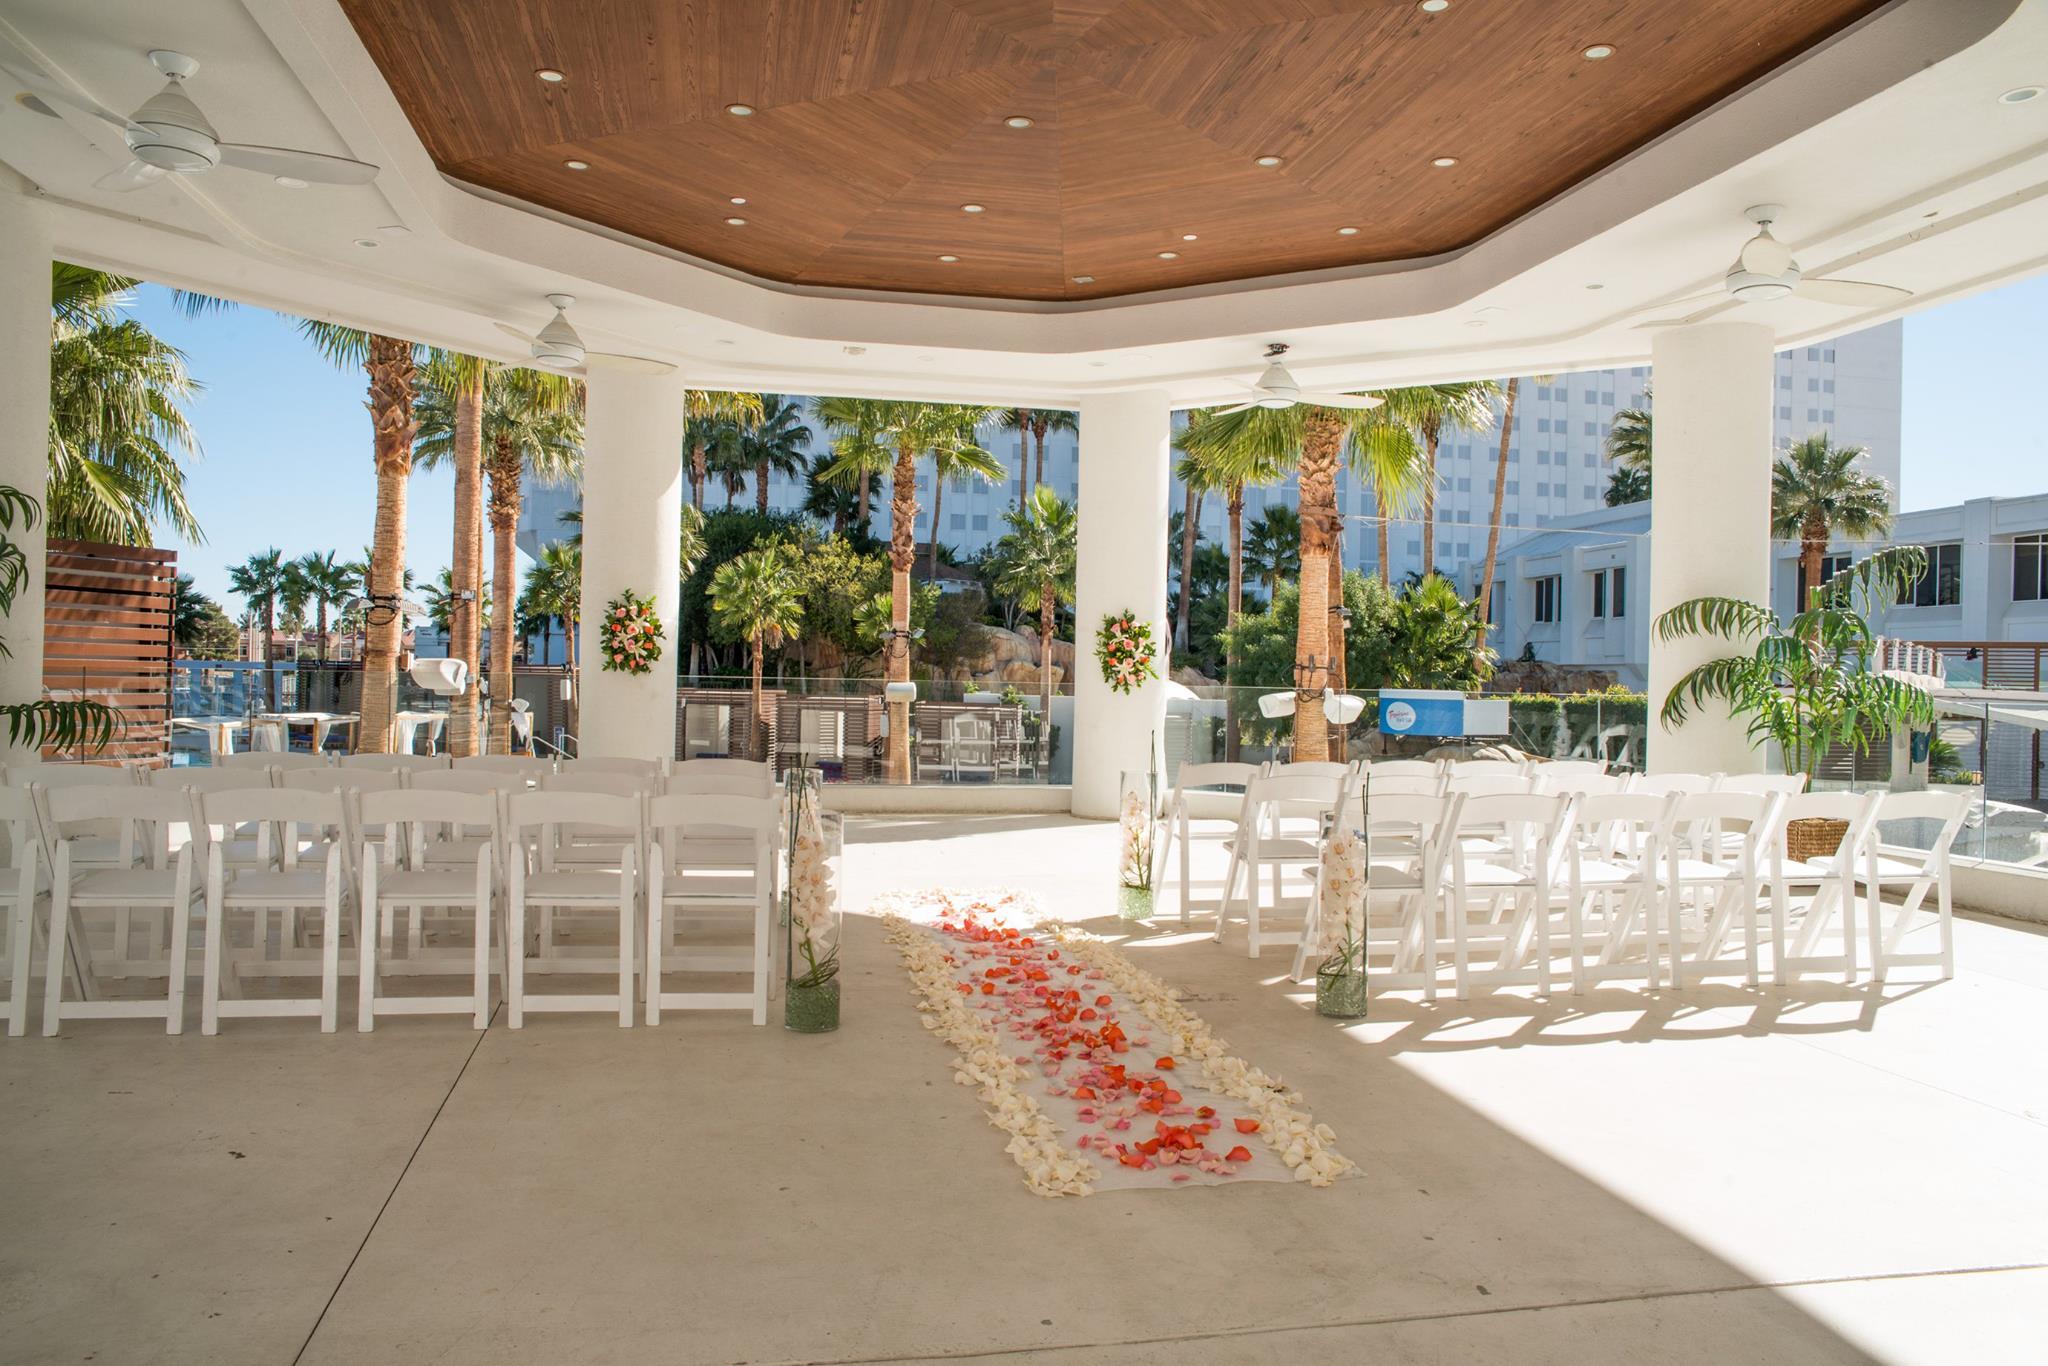 Vegas Wedding Packages.The 10 Most Unusual Wedding Chapels In Las Vegas